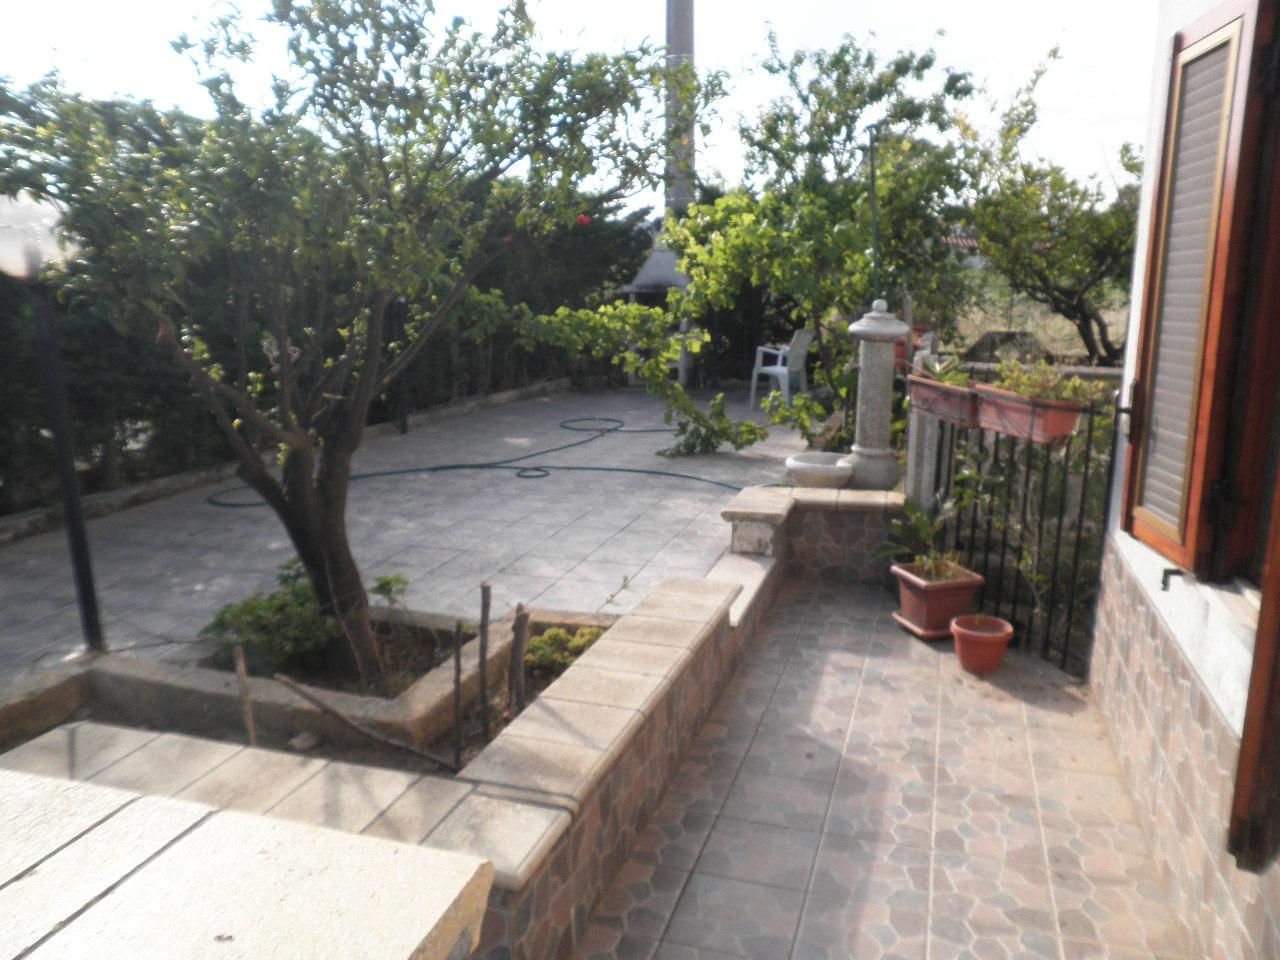 Appartamento in vendita a Sellia Marina, 3 locali, zona Zona: Ruggero, prezzo € 75.000 | CambioCasa.it